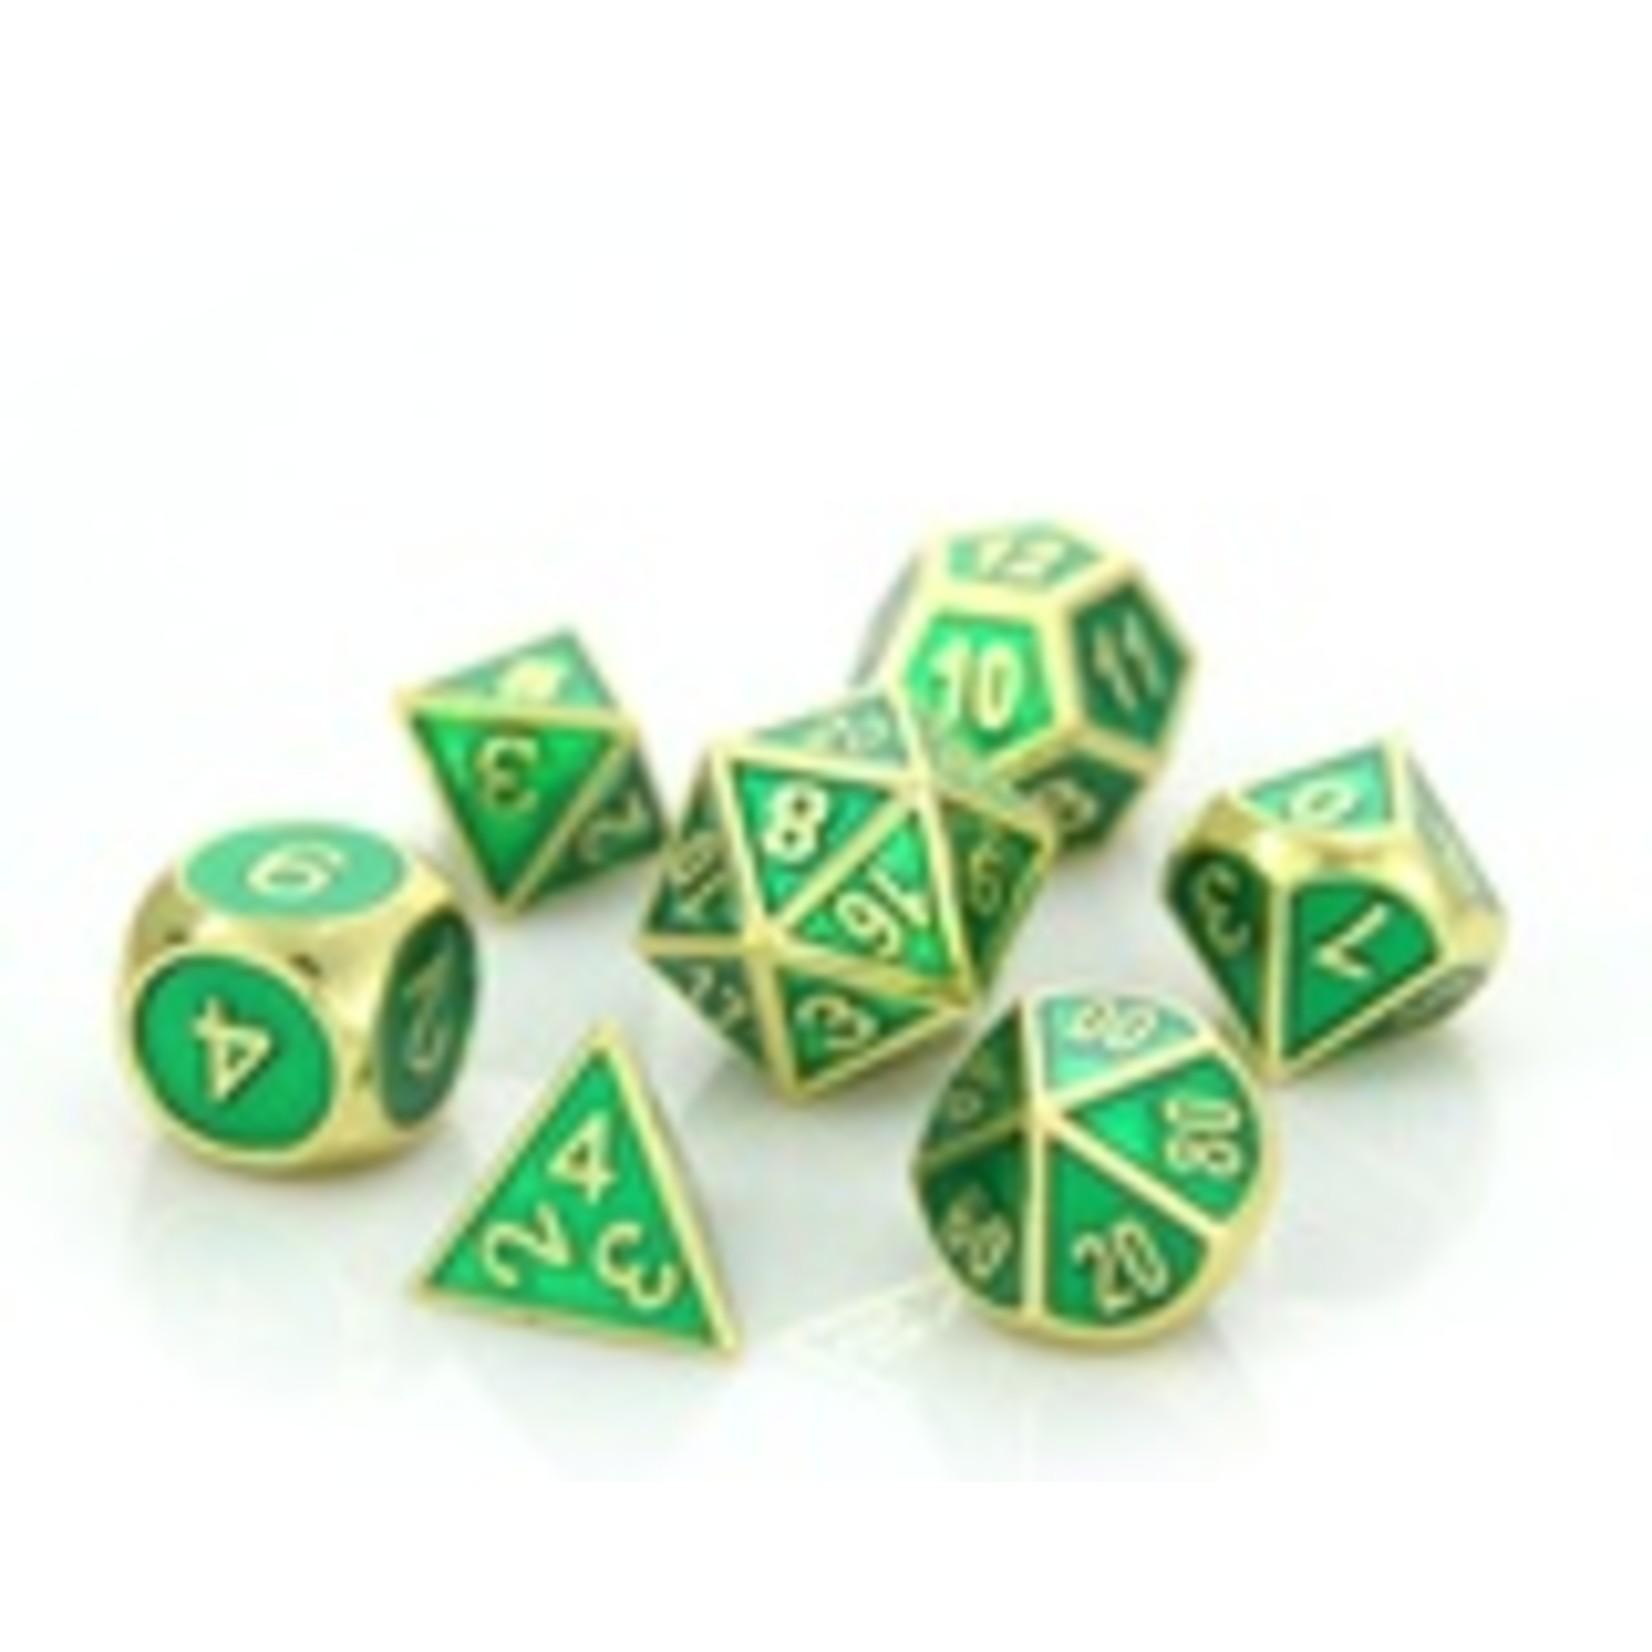 Die Hard Dice Die Hard Dice: Polyhedral Metal Dice Set - Gemstone Gold Emerald